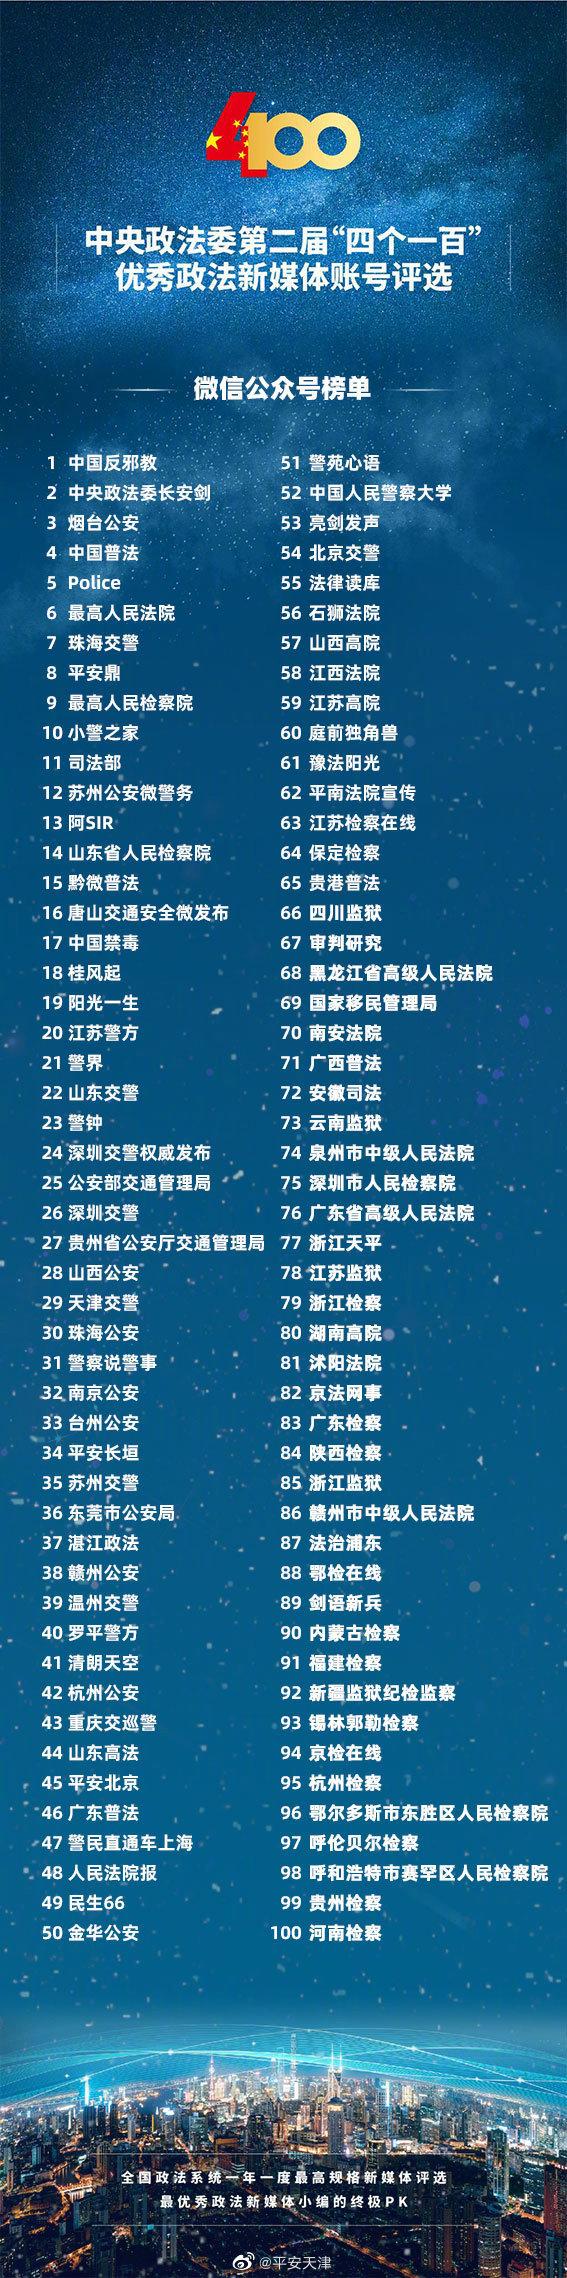 """重磅!中央政法委第二届""""四个一百""""优秀政法新媒体榜单发布"""